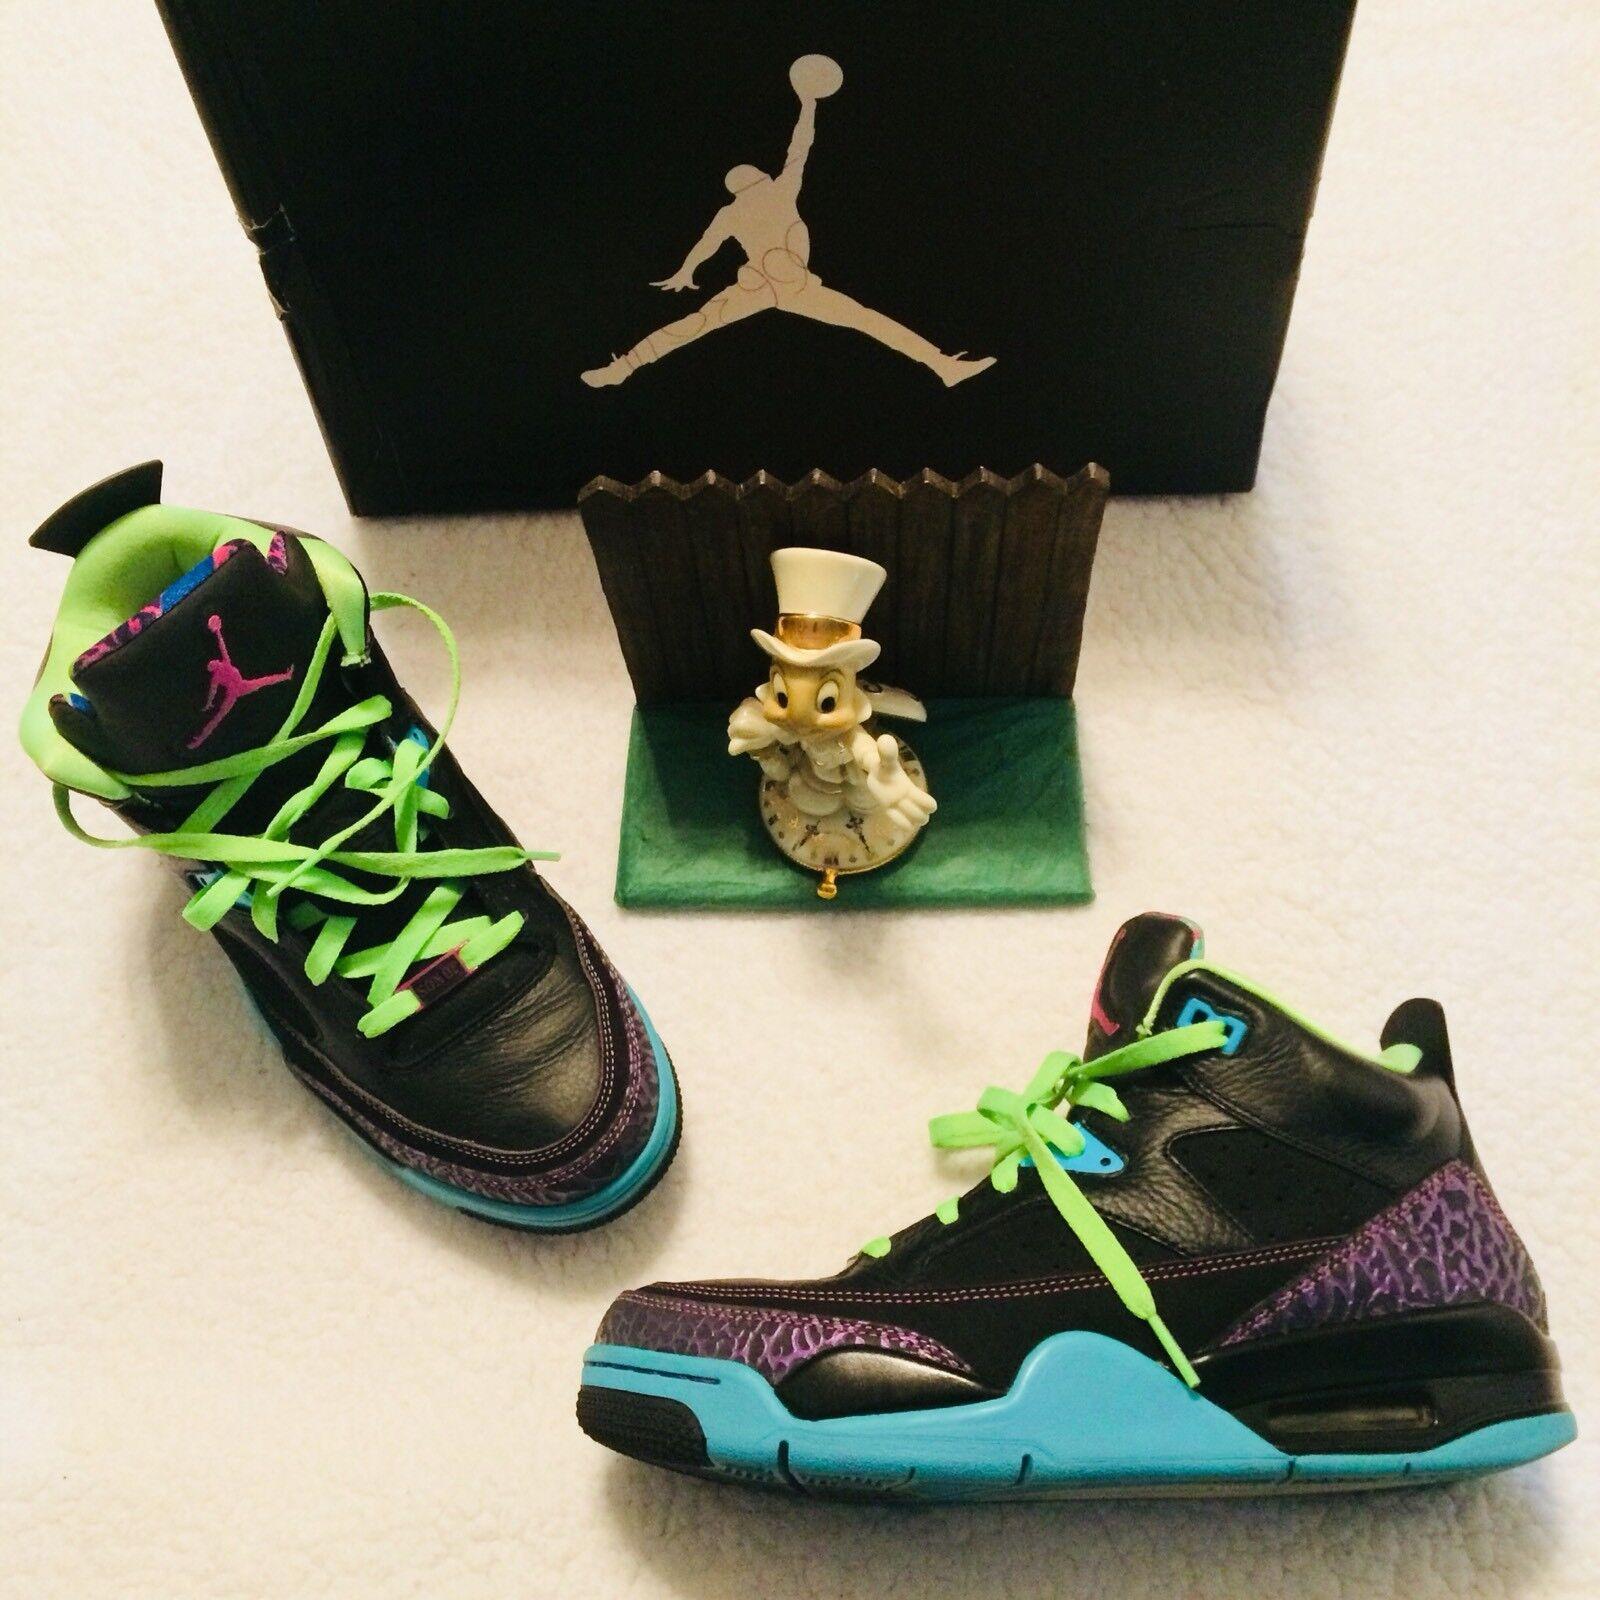 Nike Air Jordan Son Of Low 9   42.5 Black Purple Bel Air 580603 019 WORN ONCE